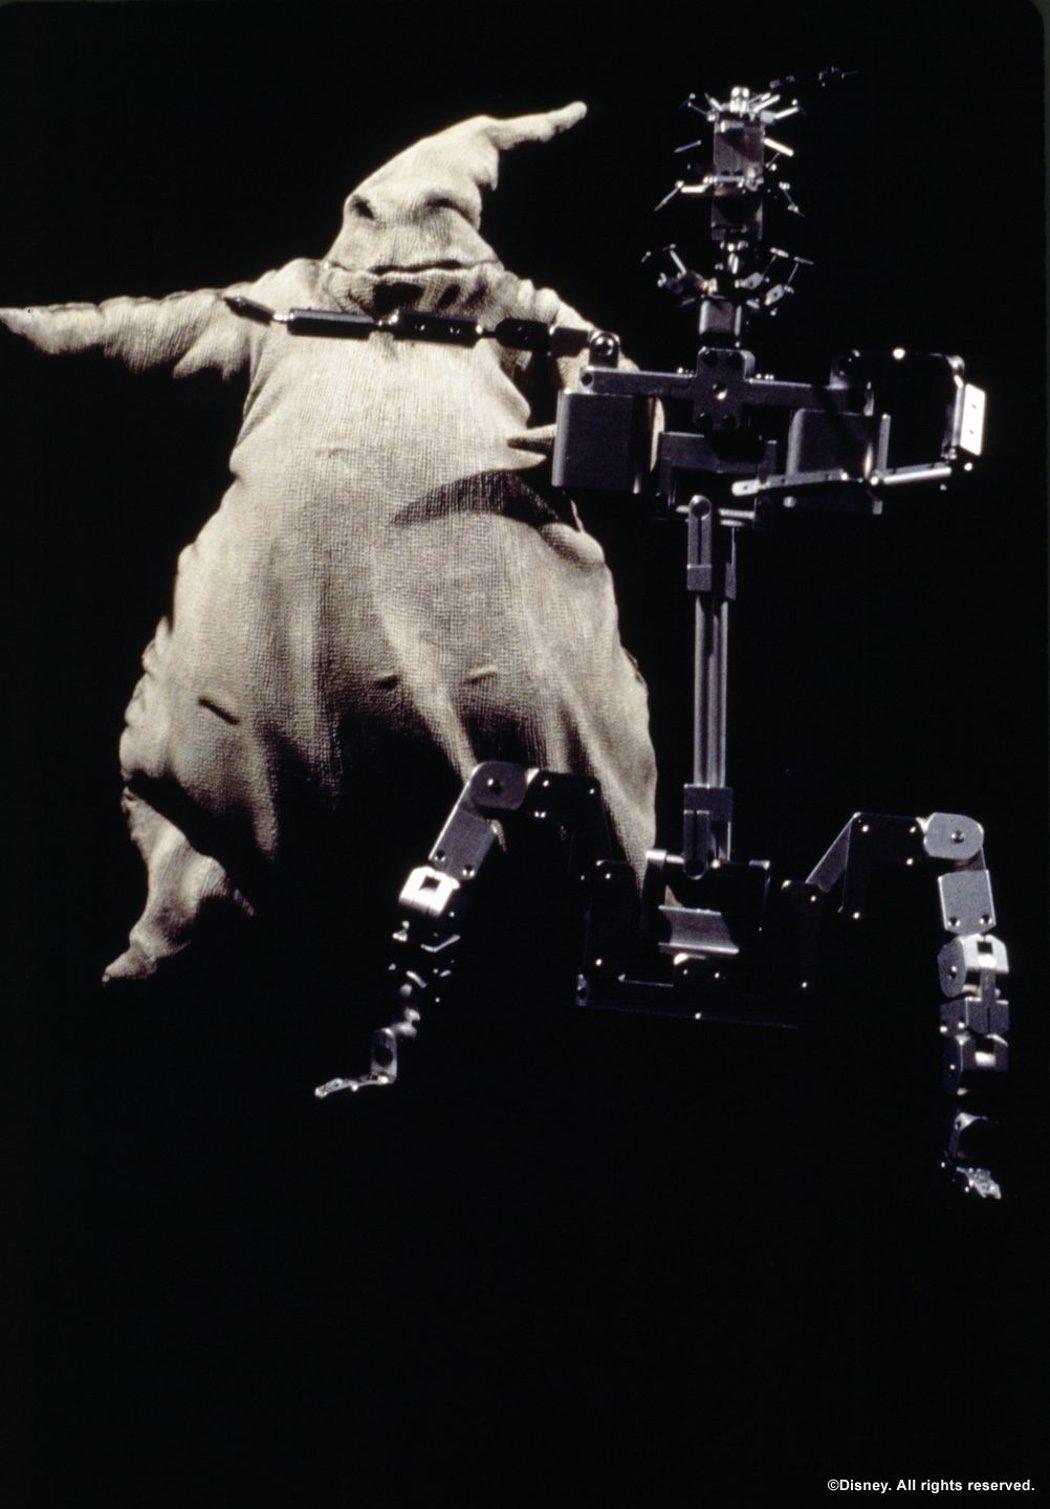 Imagen 21 de 25 del set